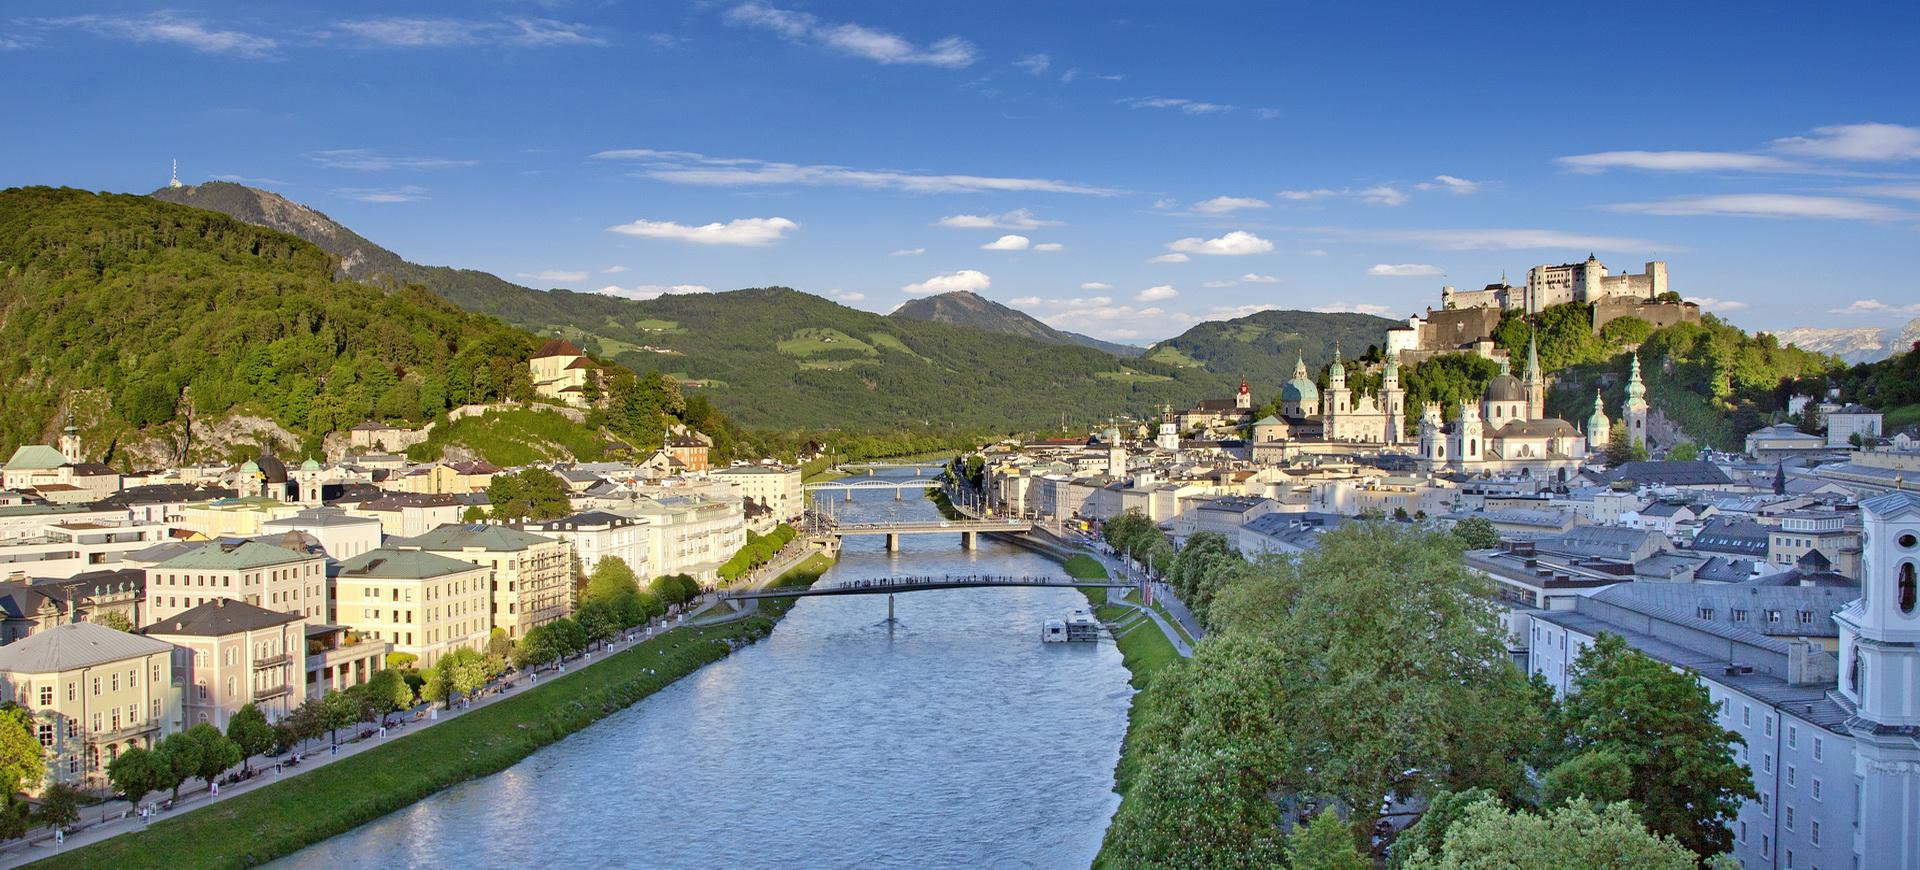 Autriche Salzbourg ville par Julius Silver